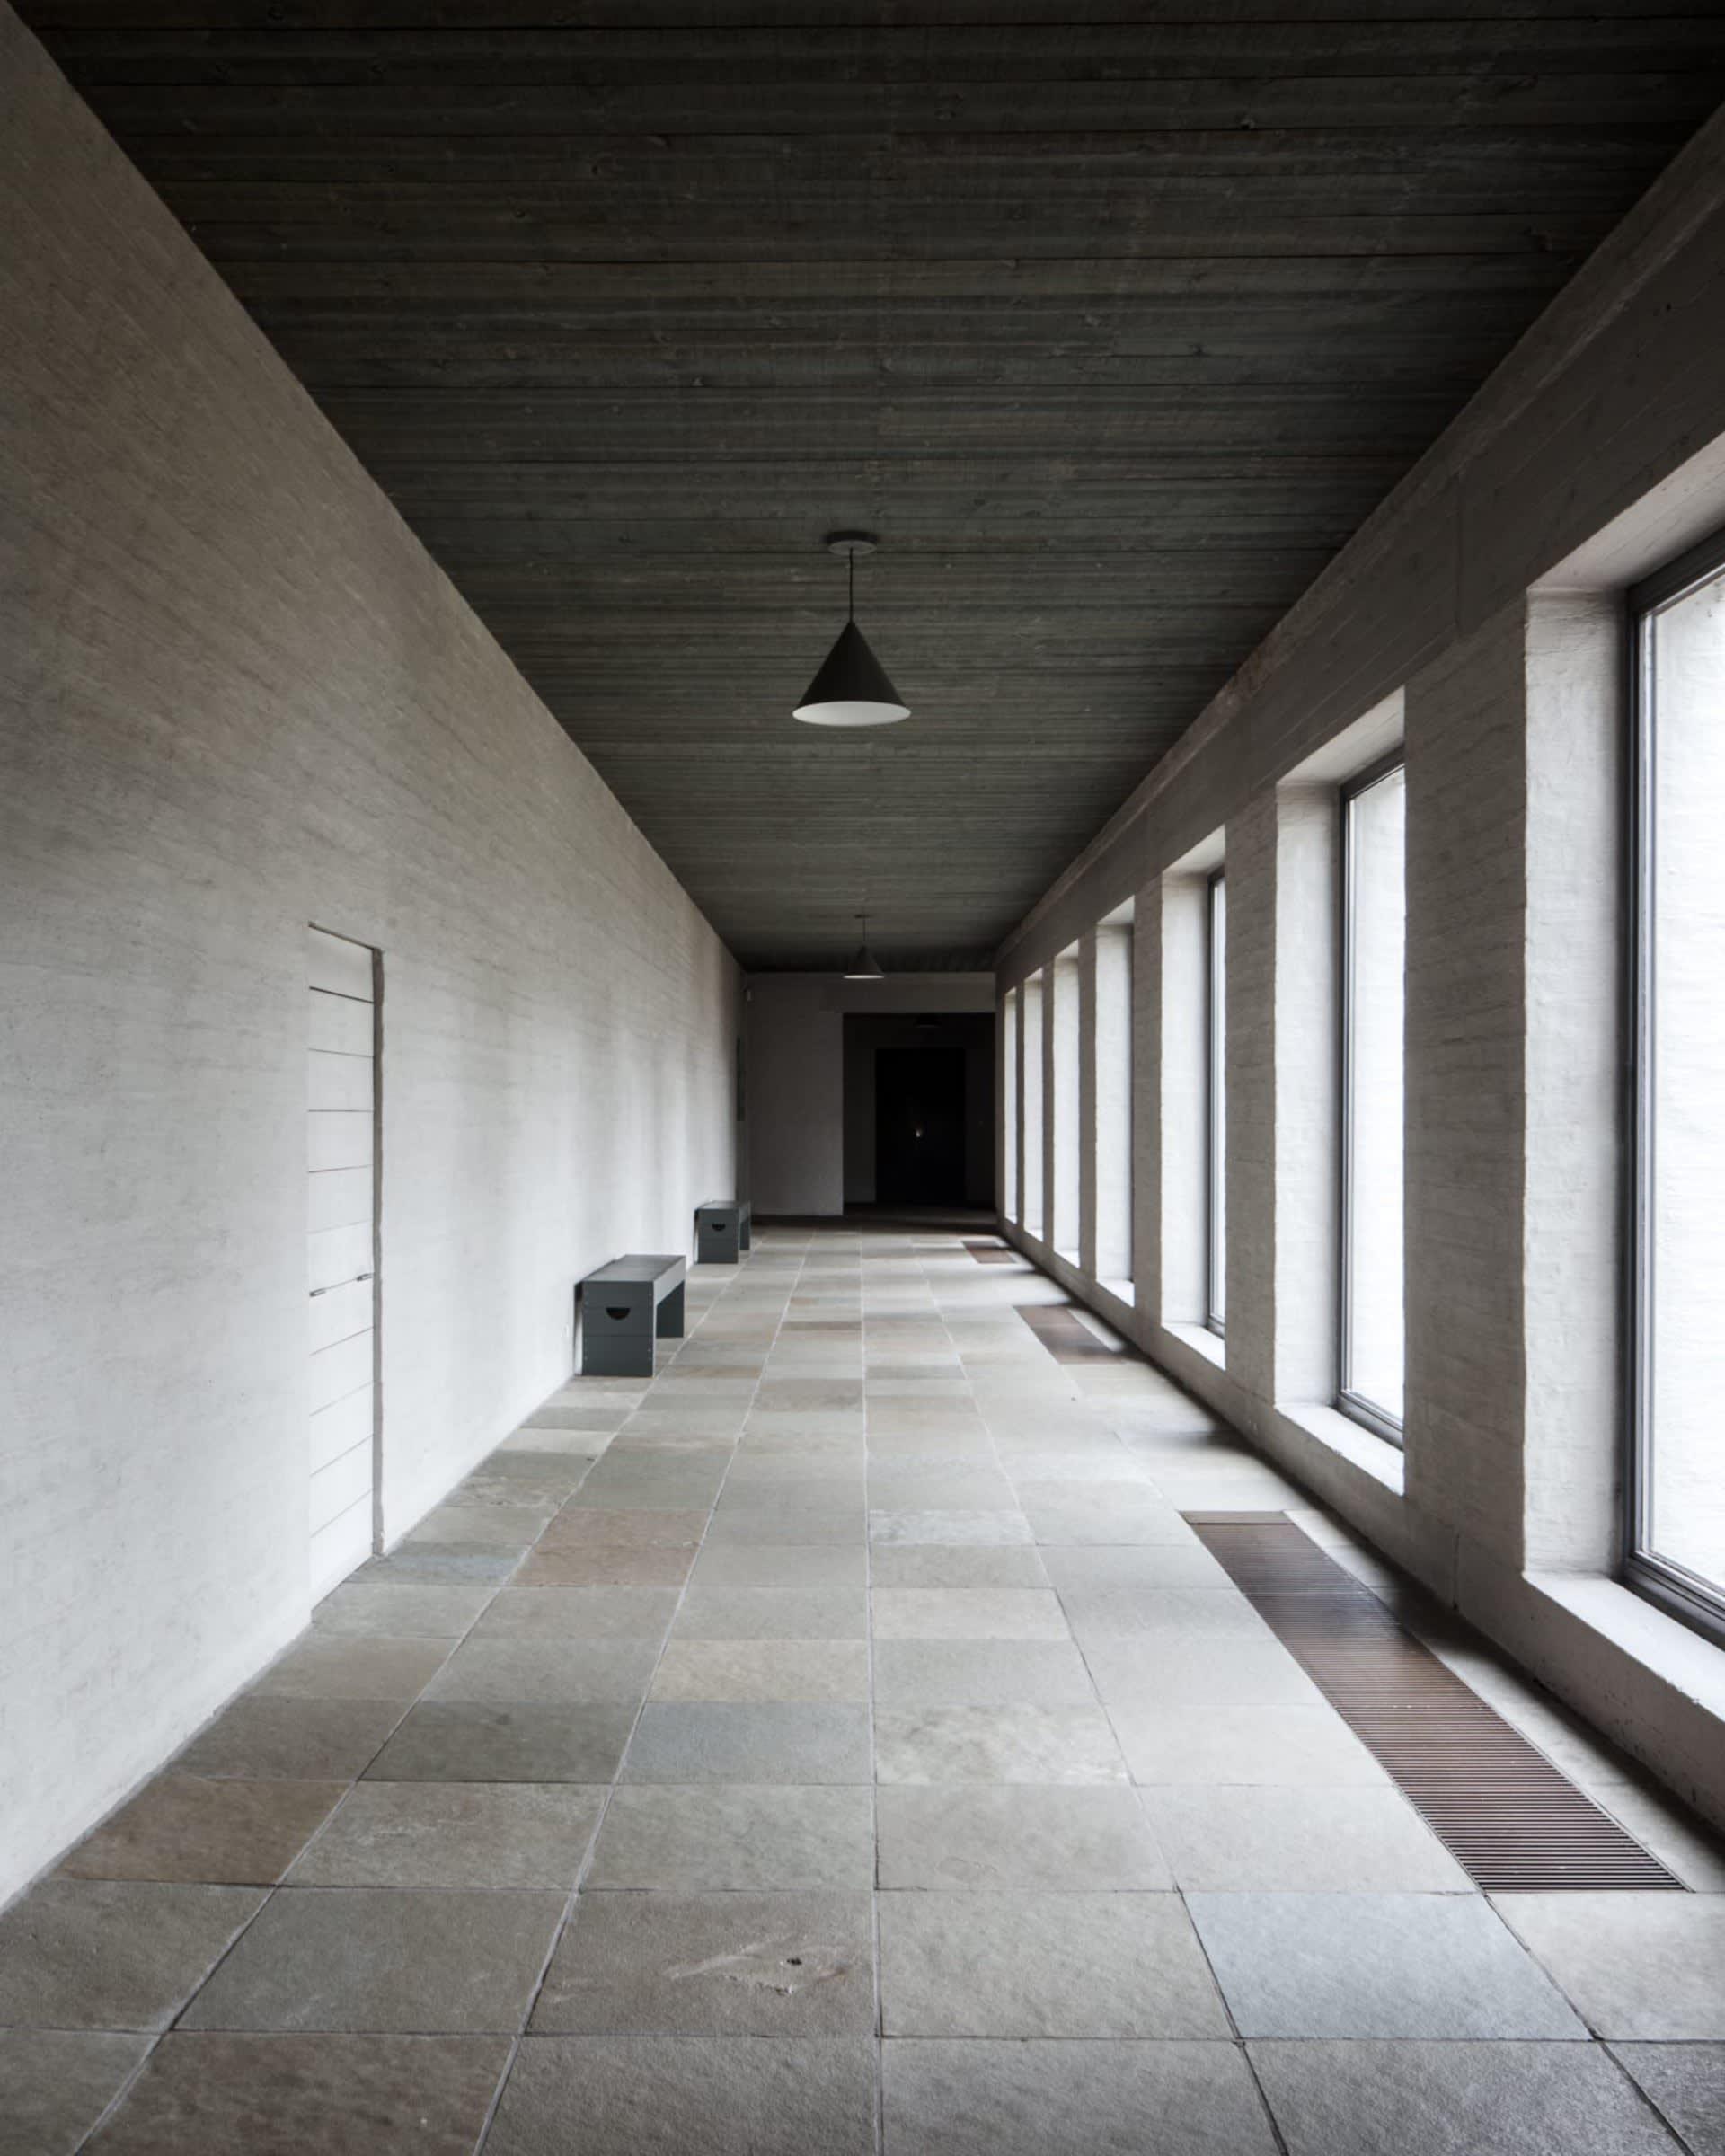 Hans van der Laan - Corridor at Saint Benedict Abbey (source: https://divisare.com/projects/368522-dom-hans-van-der-laan)